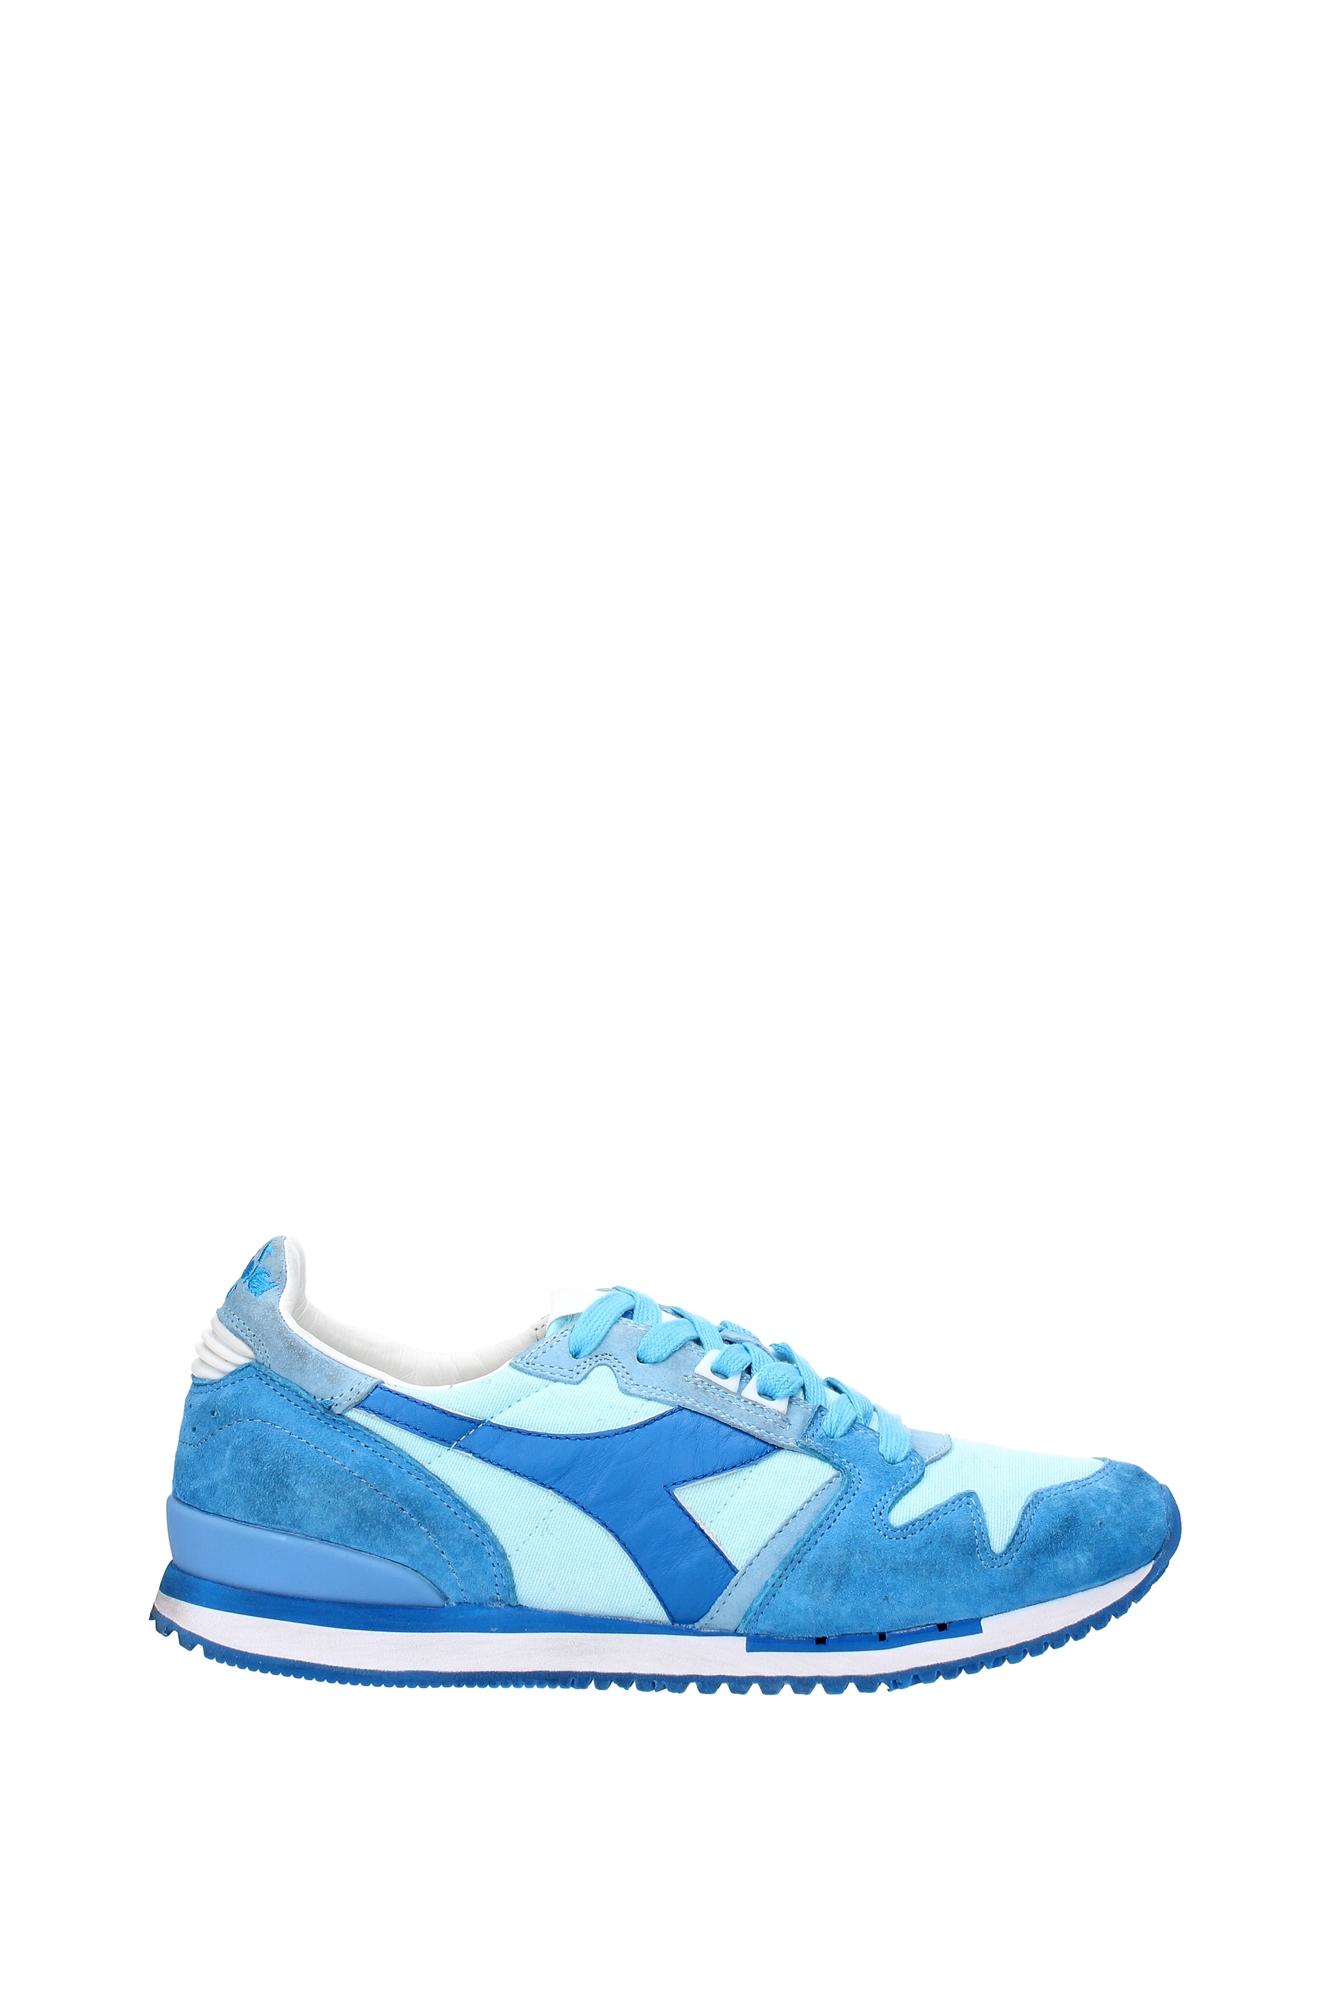 Sneakers (2011706100165113) Diadora Heritage Herren - Stoff (2011706100165113) Sneakers 1bf343